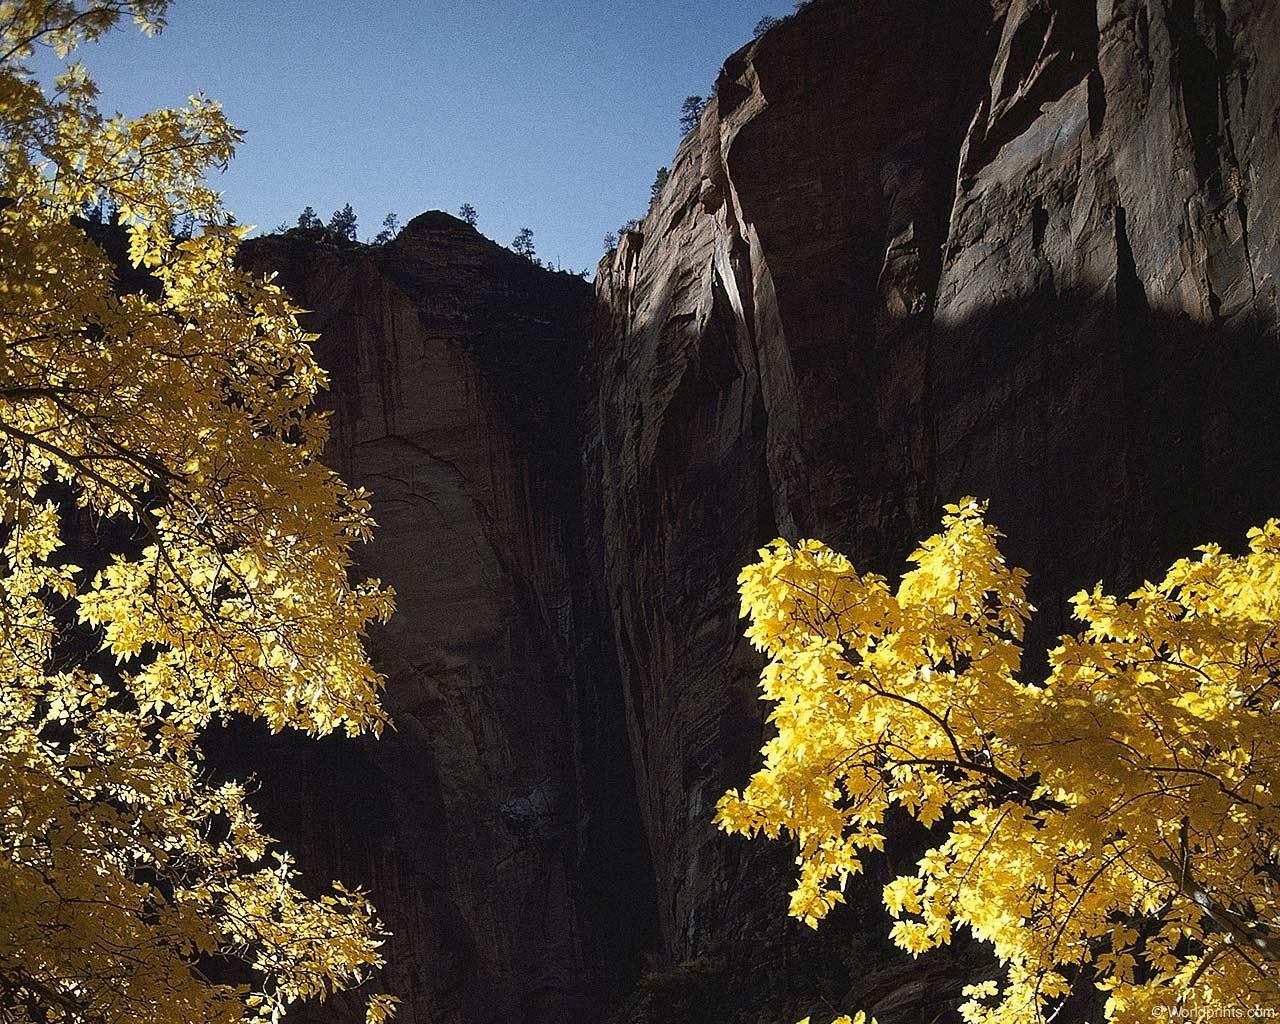 11191 скачать обои Пейзаж, Деревья, Горы, Осень - заставки и картинки бесплатно